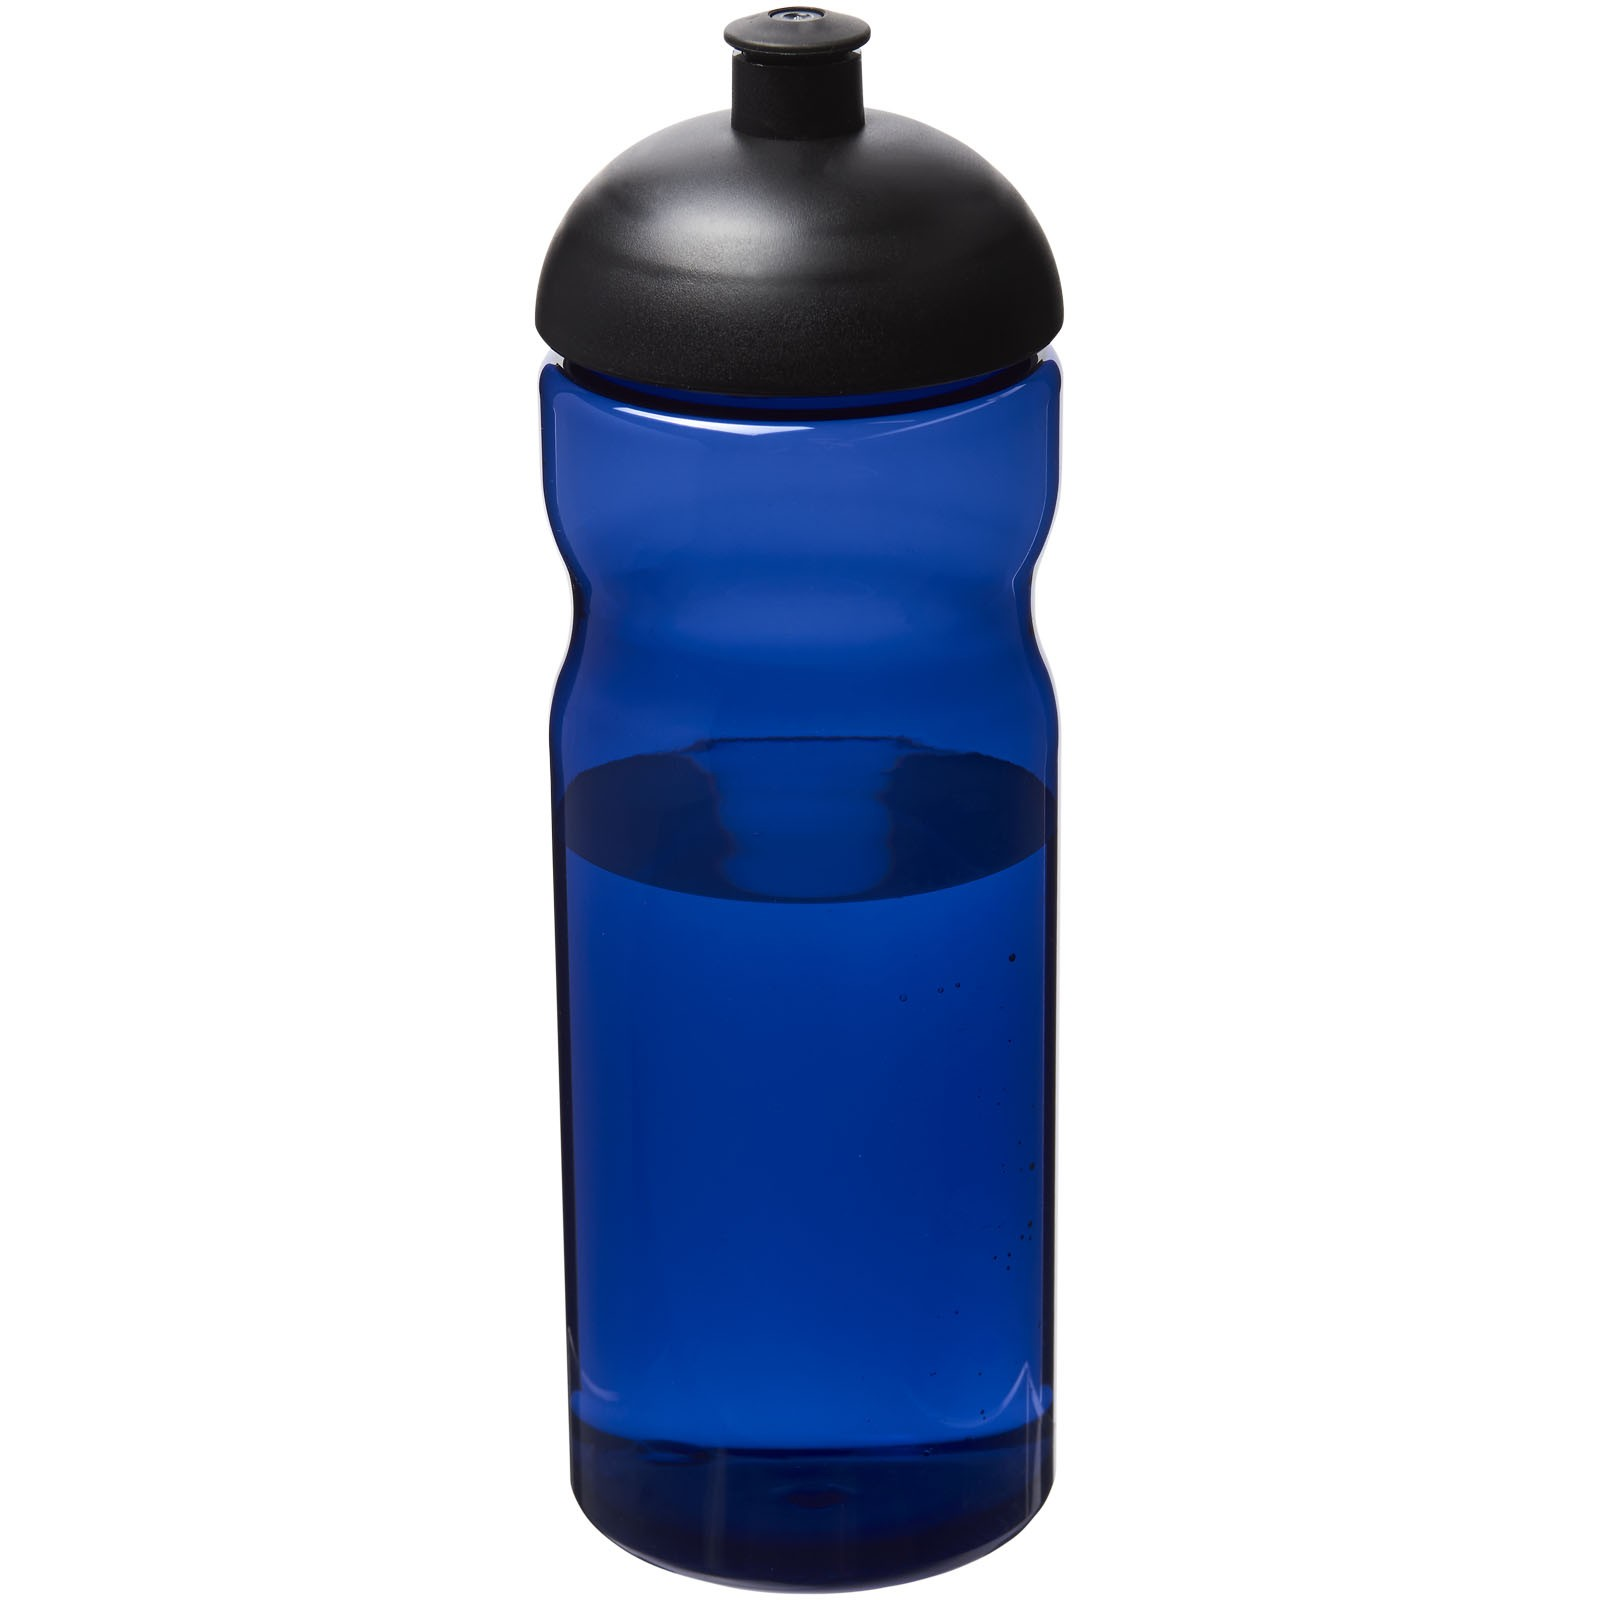 H2O Eco Bidón deportivo con tapa Dome de 650ml - Azul